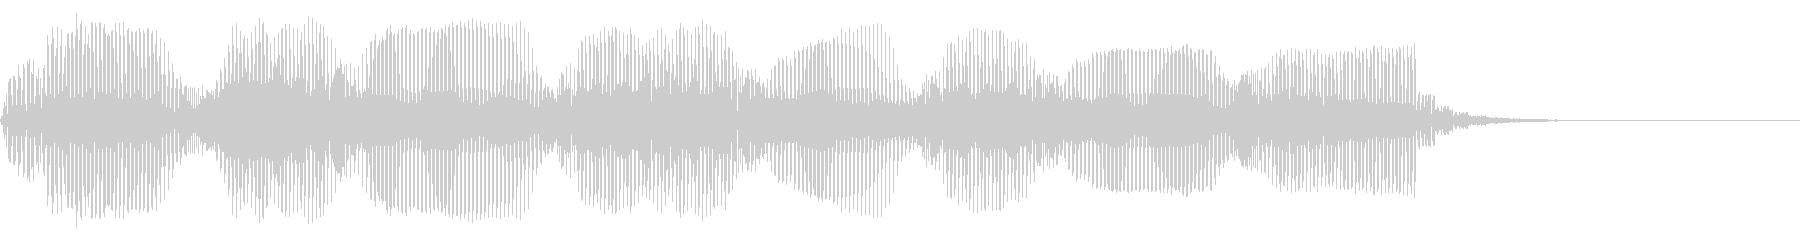 明るいトランペットトリルの未再生の波形